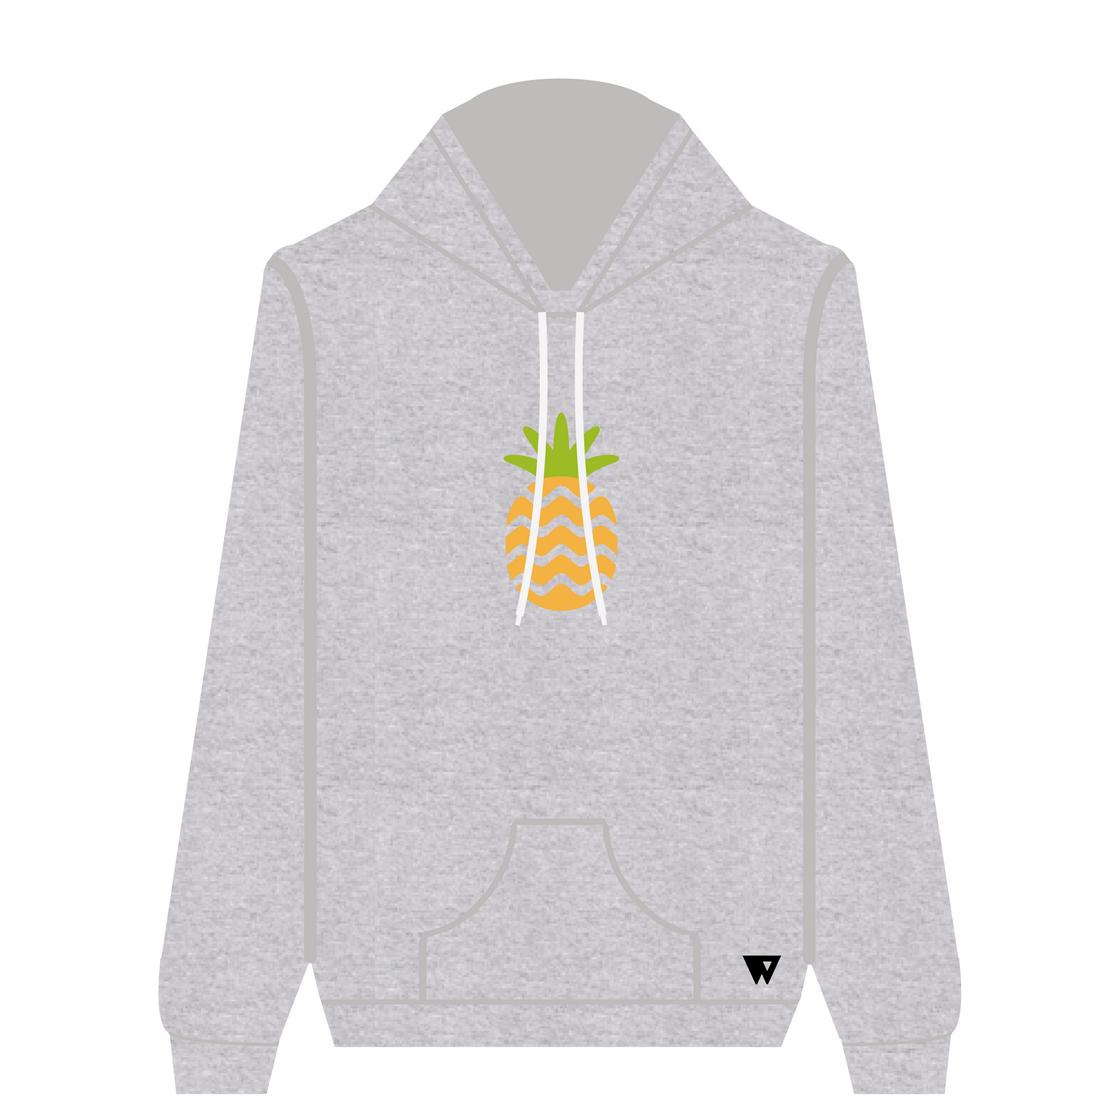 Hoodie Pineapple | Wuzzee